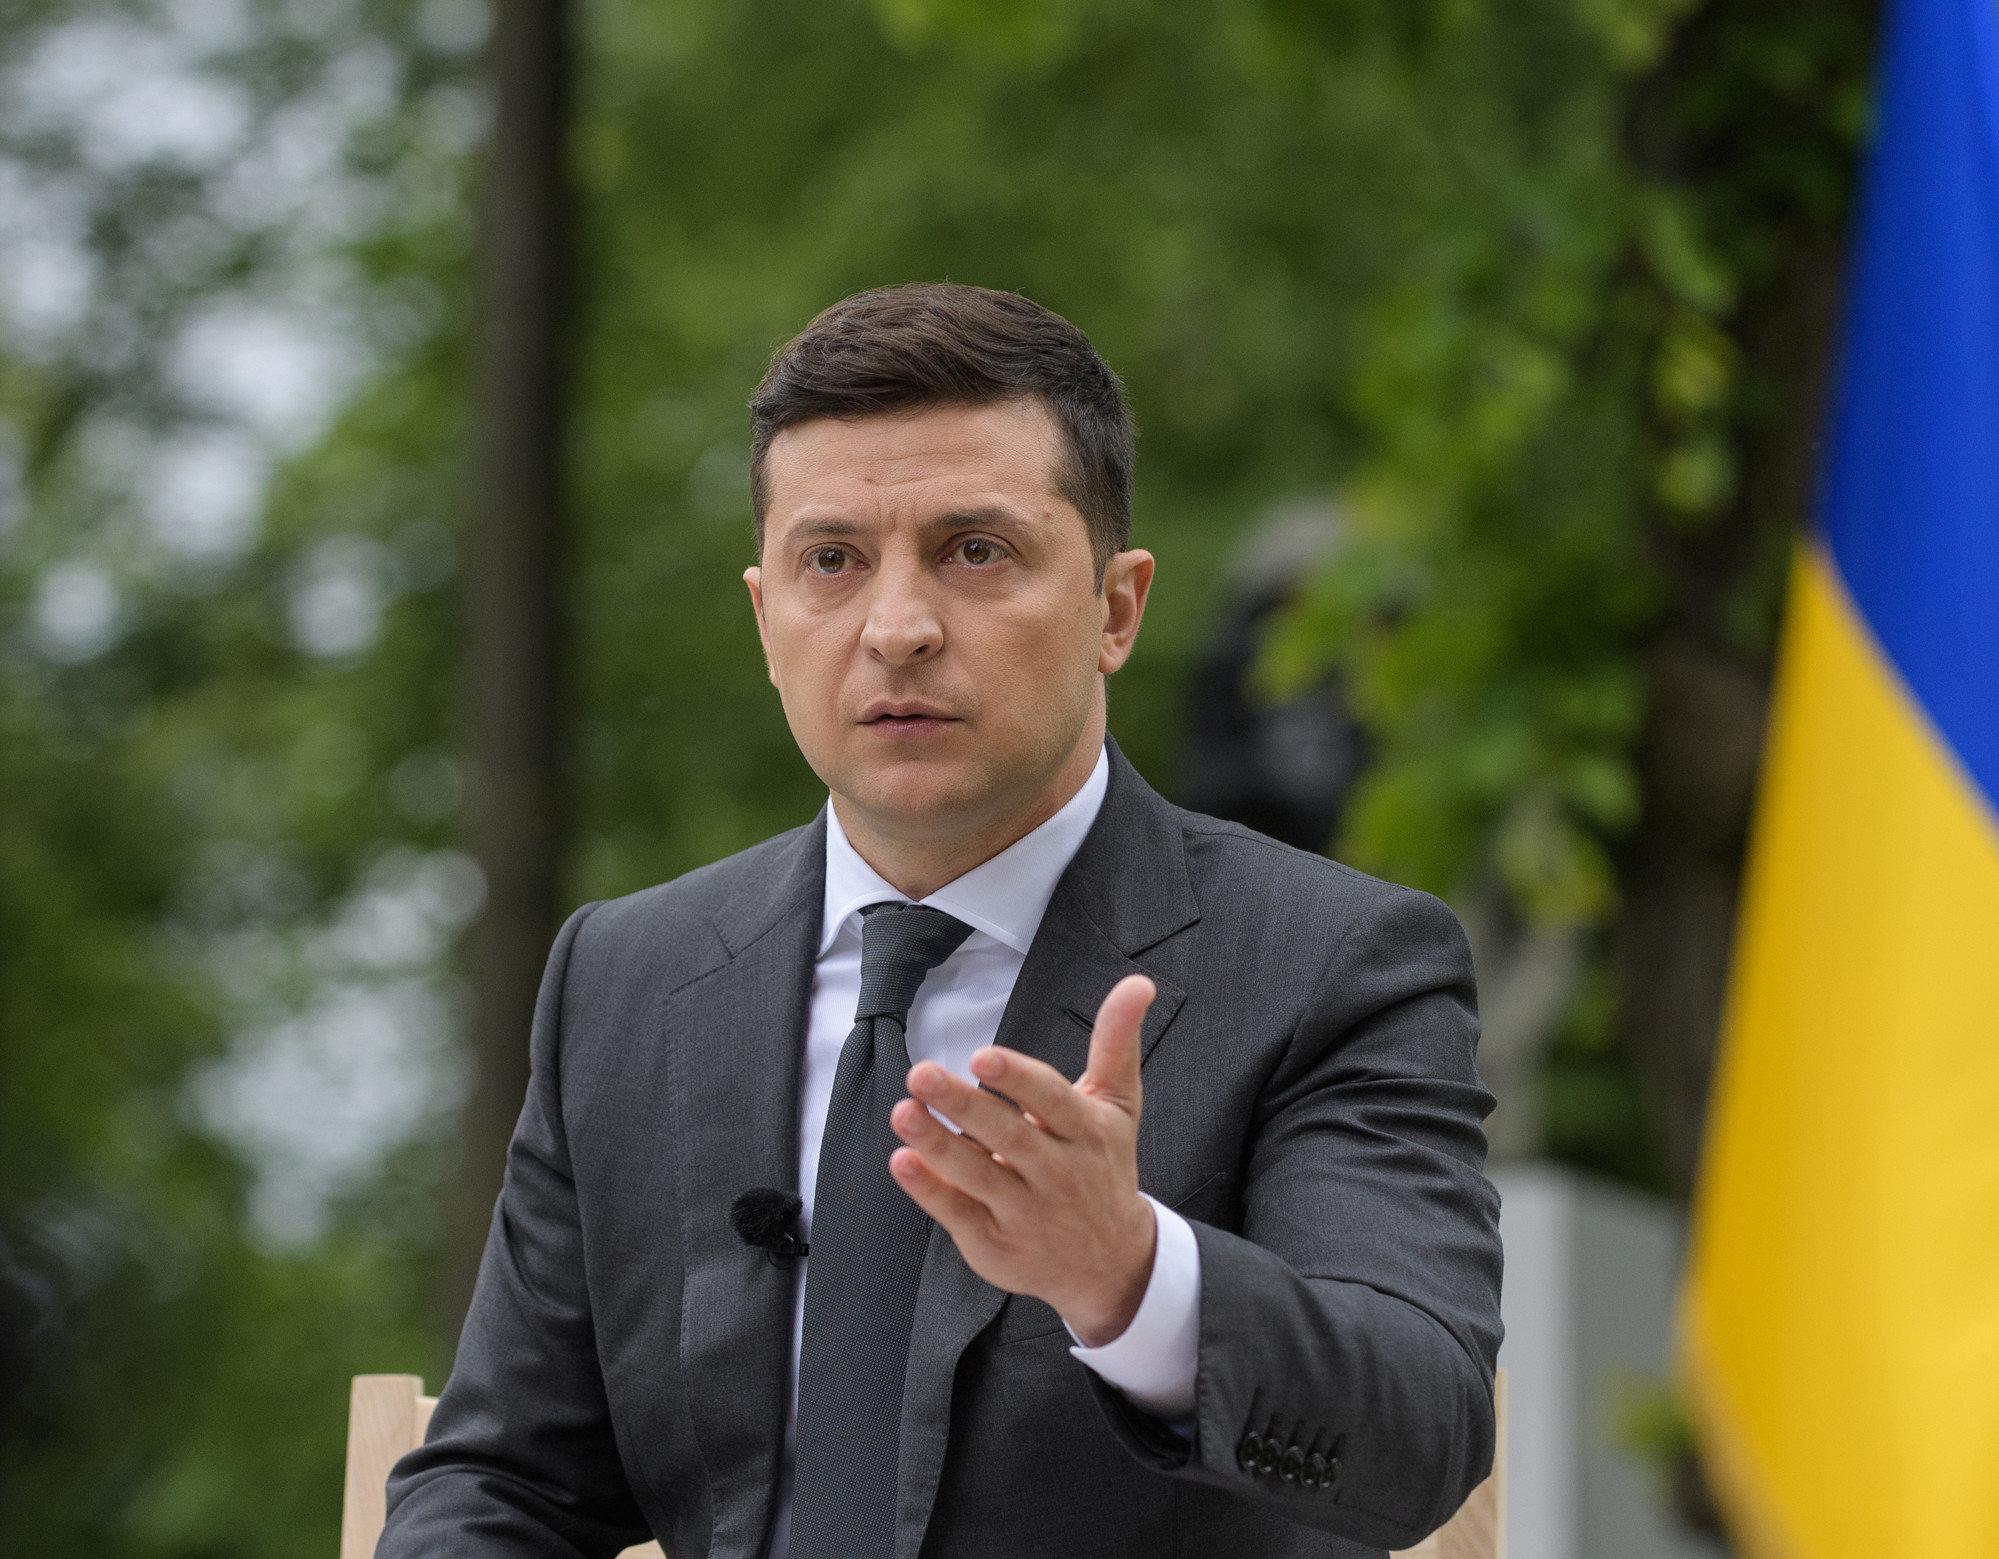 Зеленский возглавил рейтинг доверия к украинским политикам